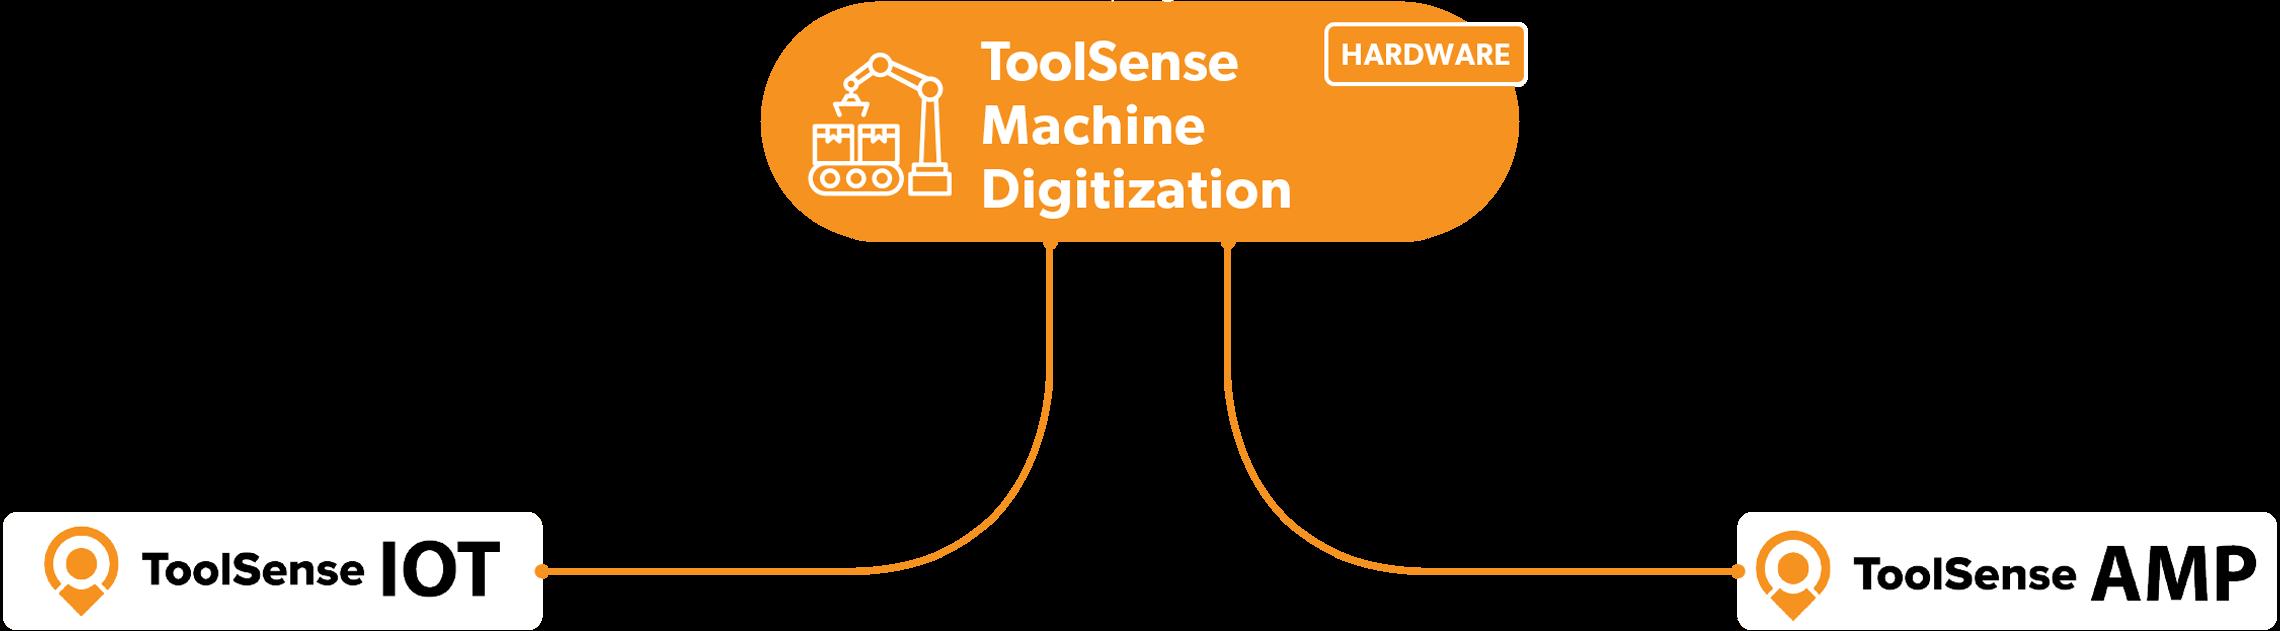 Digitalizzazione della macchina Illustration